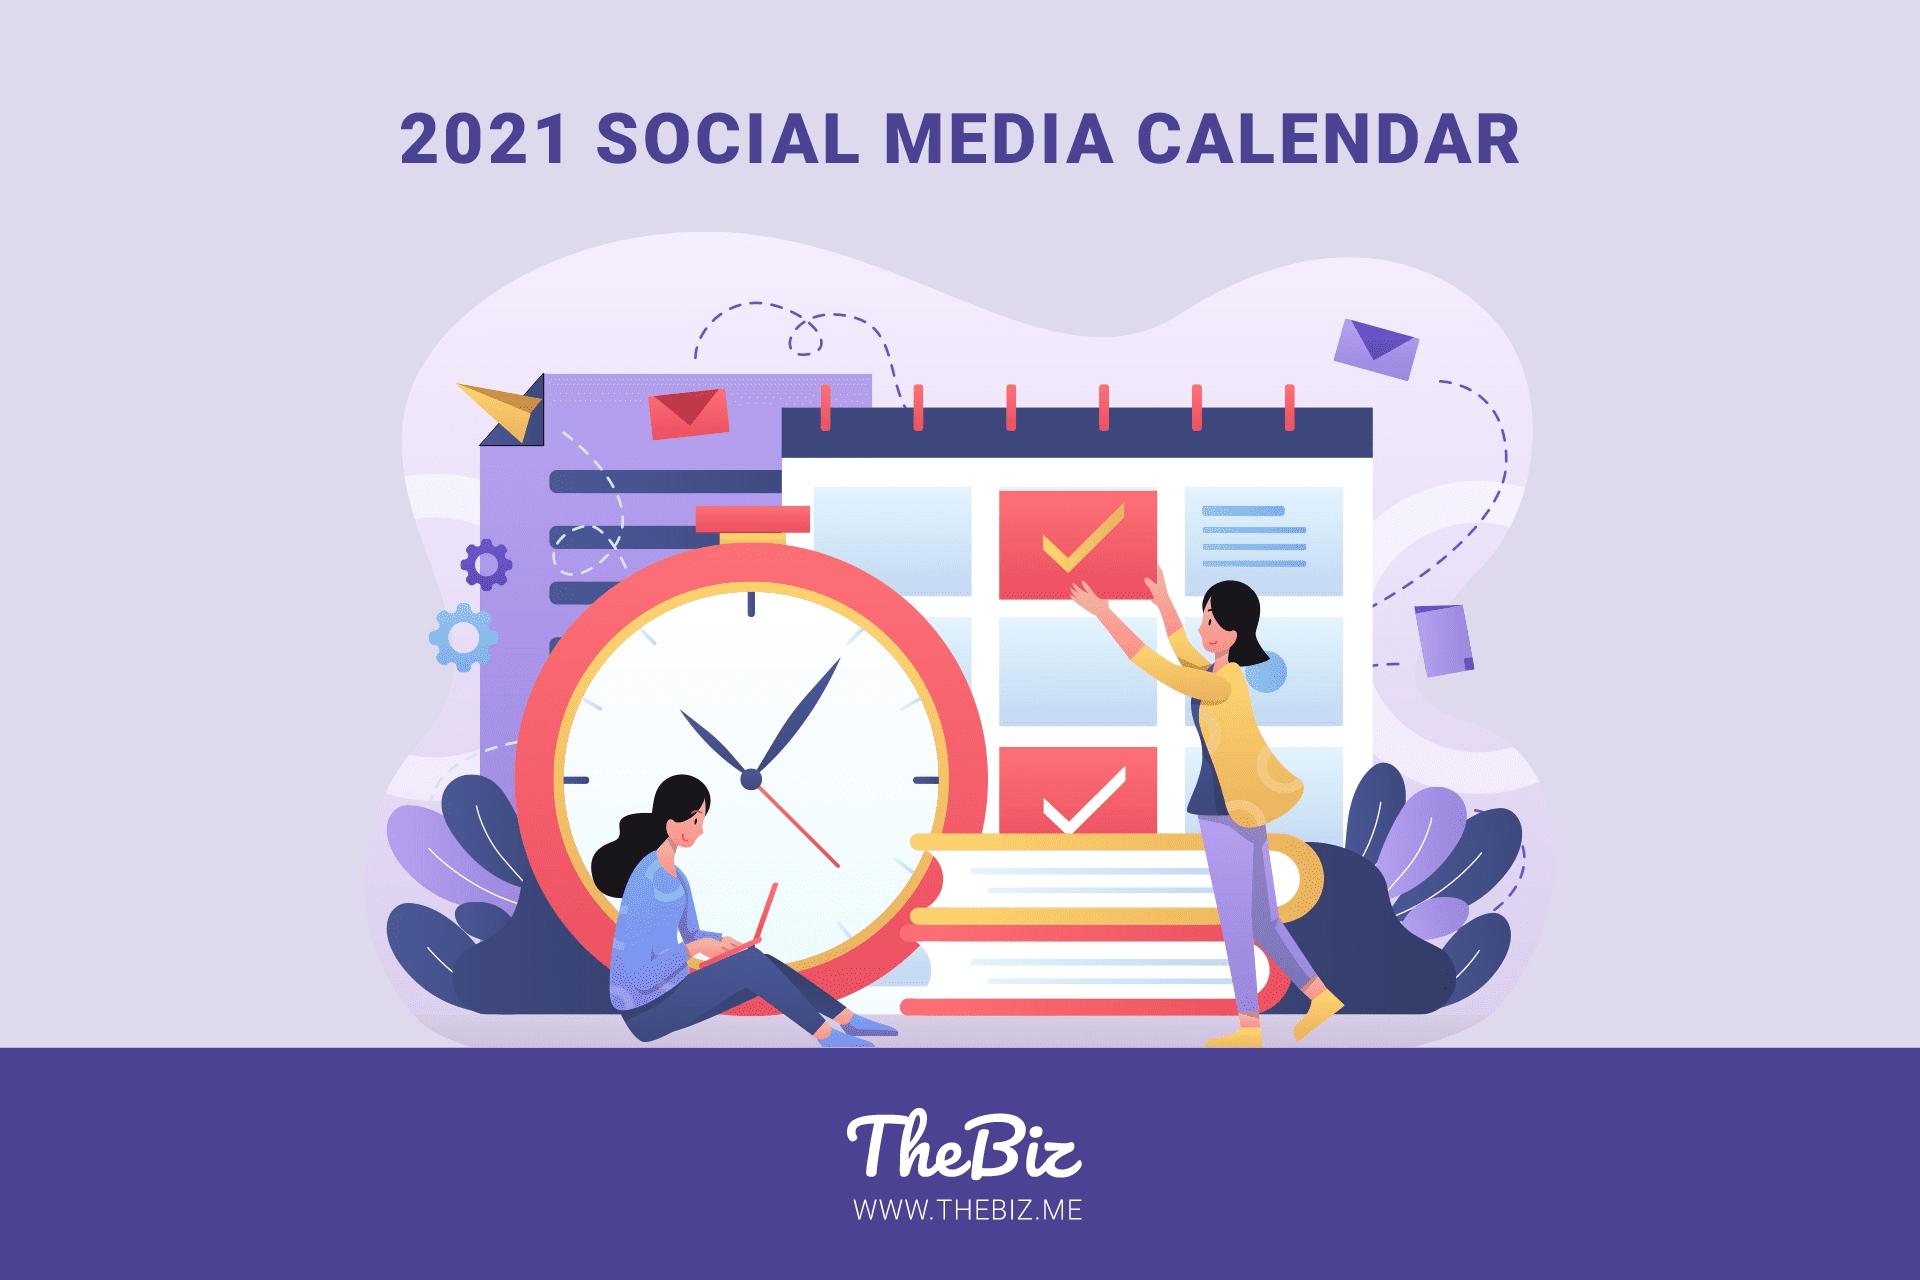 2021 Social Media Calendar For Small Businesses – Thebiz